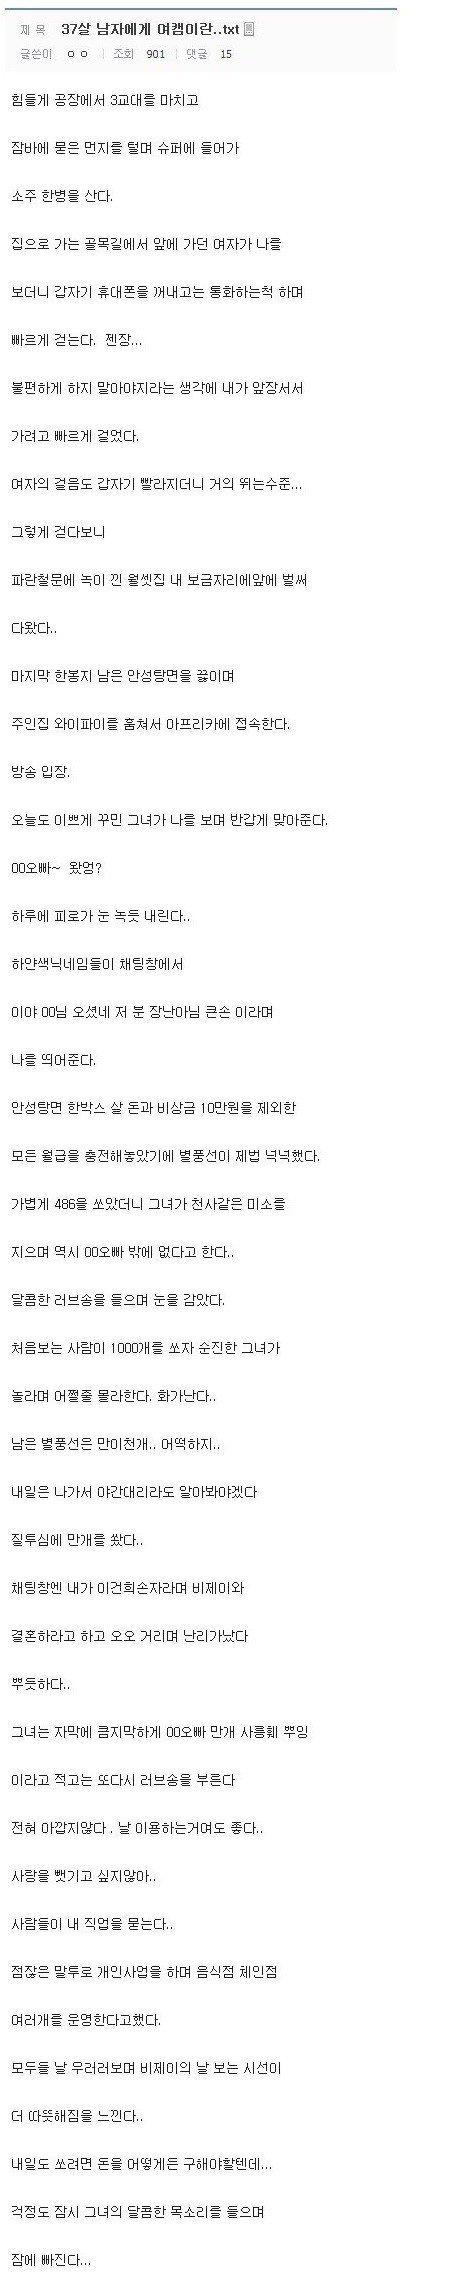 공돌이의 별풍선~~.jpg